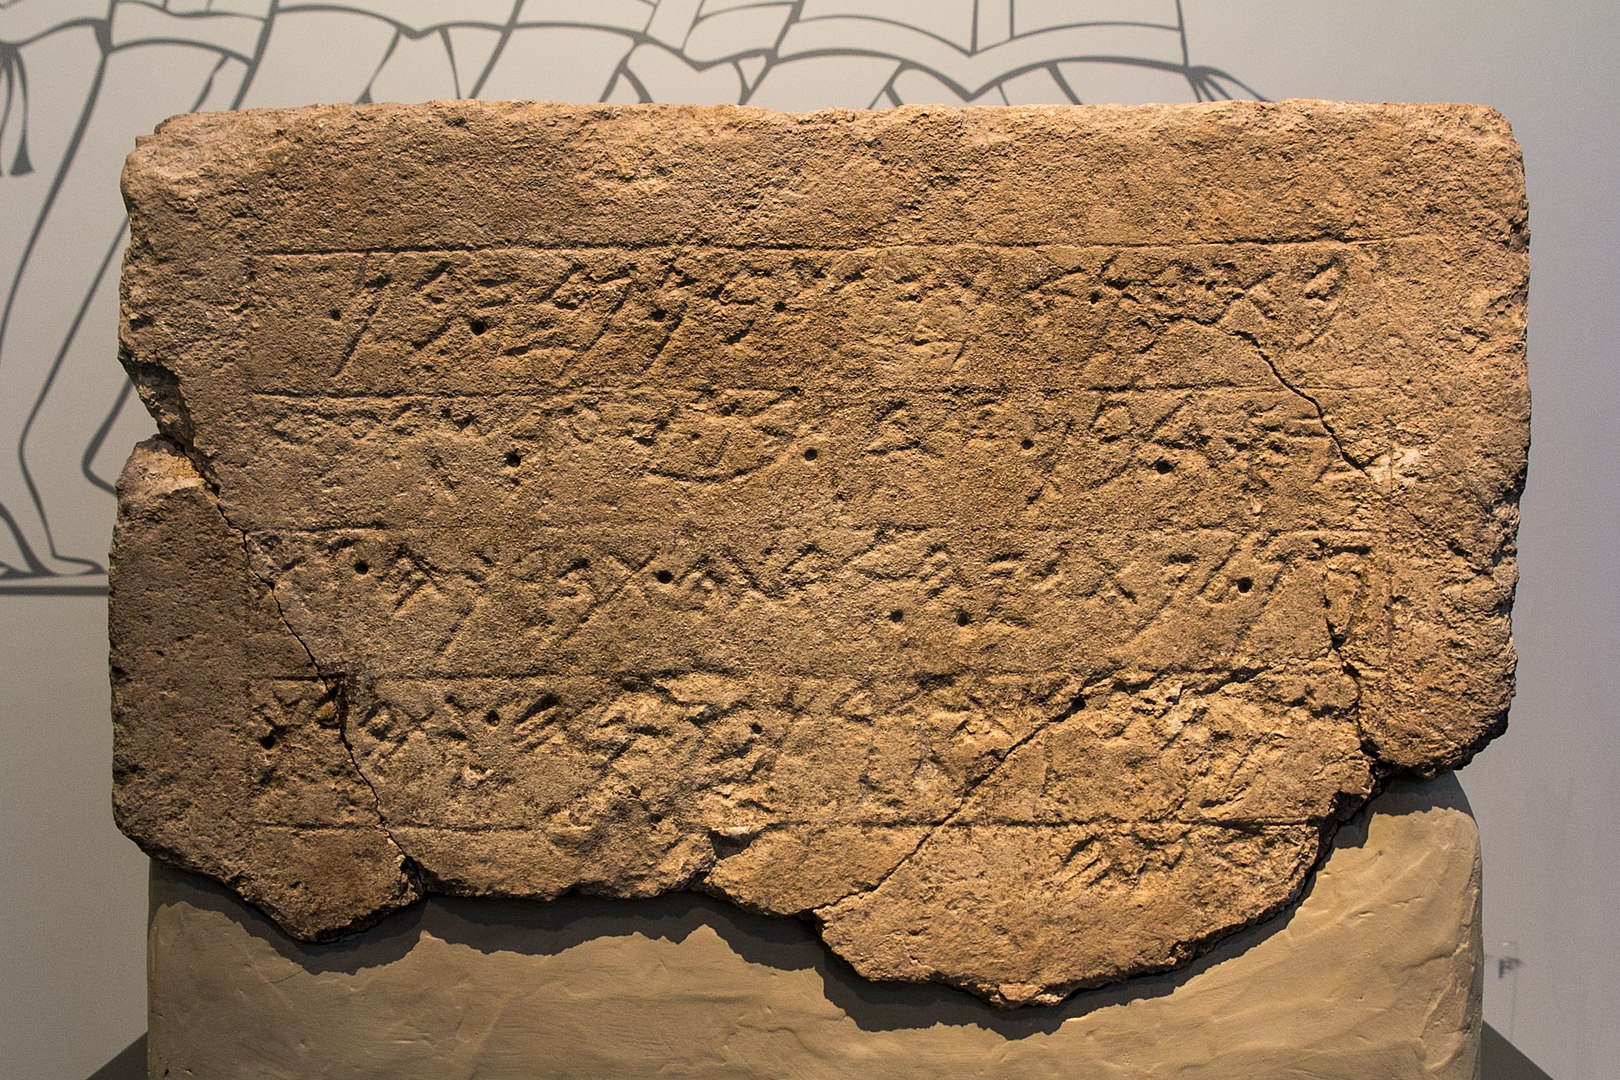 上图:1996年在以革伦遗址出土的主前7世纪早期王室奉献碑文(Ekron Royal Dedicatory Inscription),现存于以色列博物馆。碑文上刻着以革伦的名字,因此确定了以革伦遗址的准确位置。